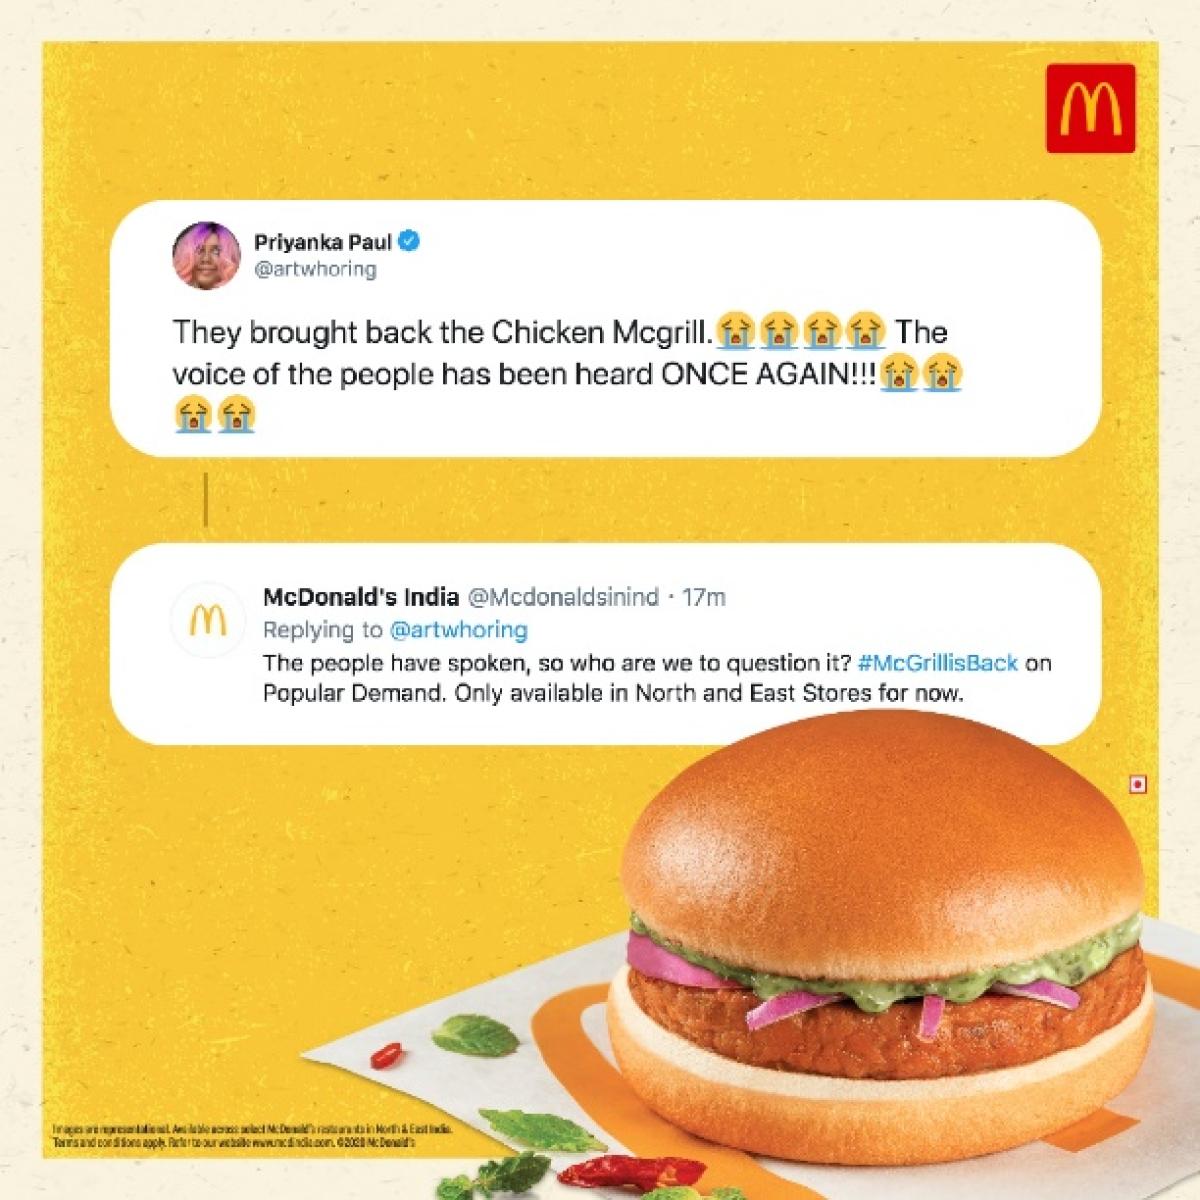 McDonald's new spots celebrate the comeback of Chicken McGrill burger